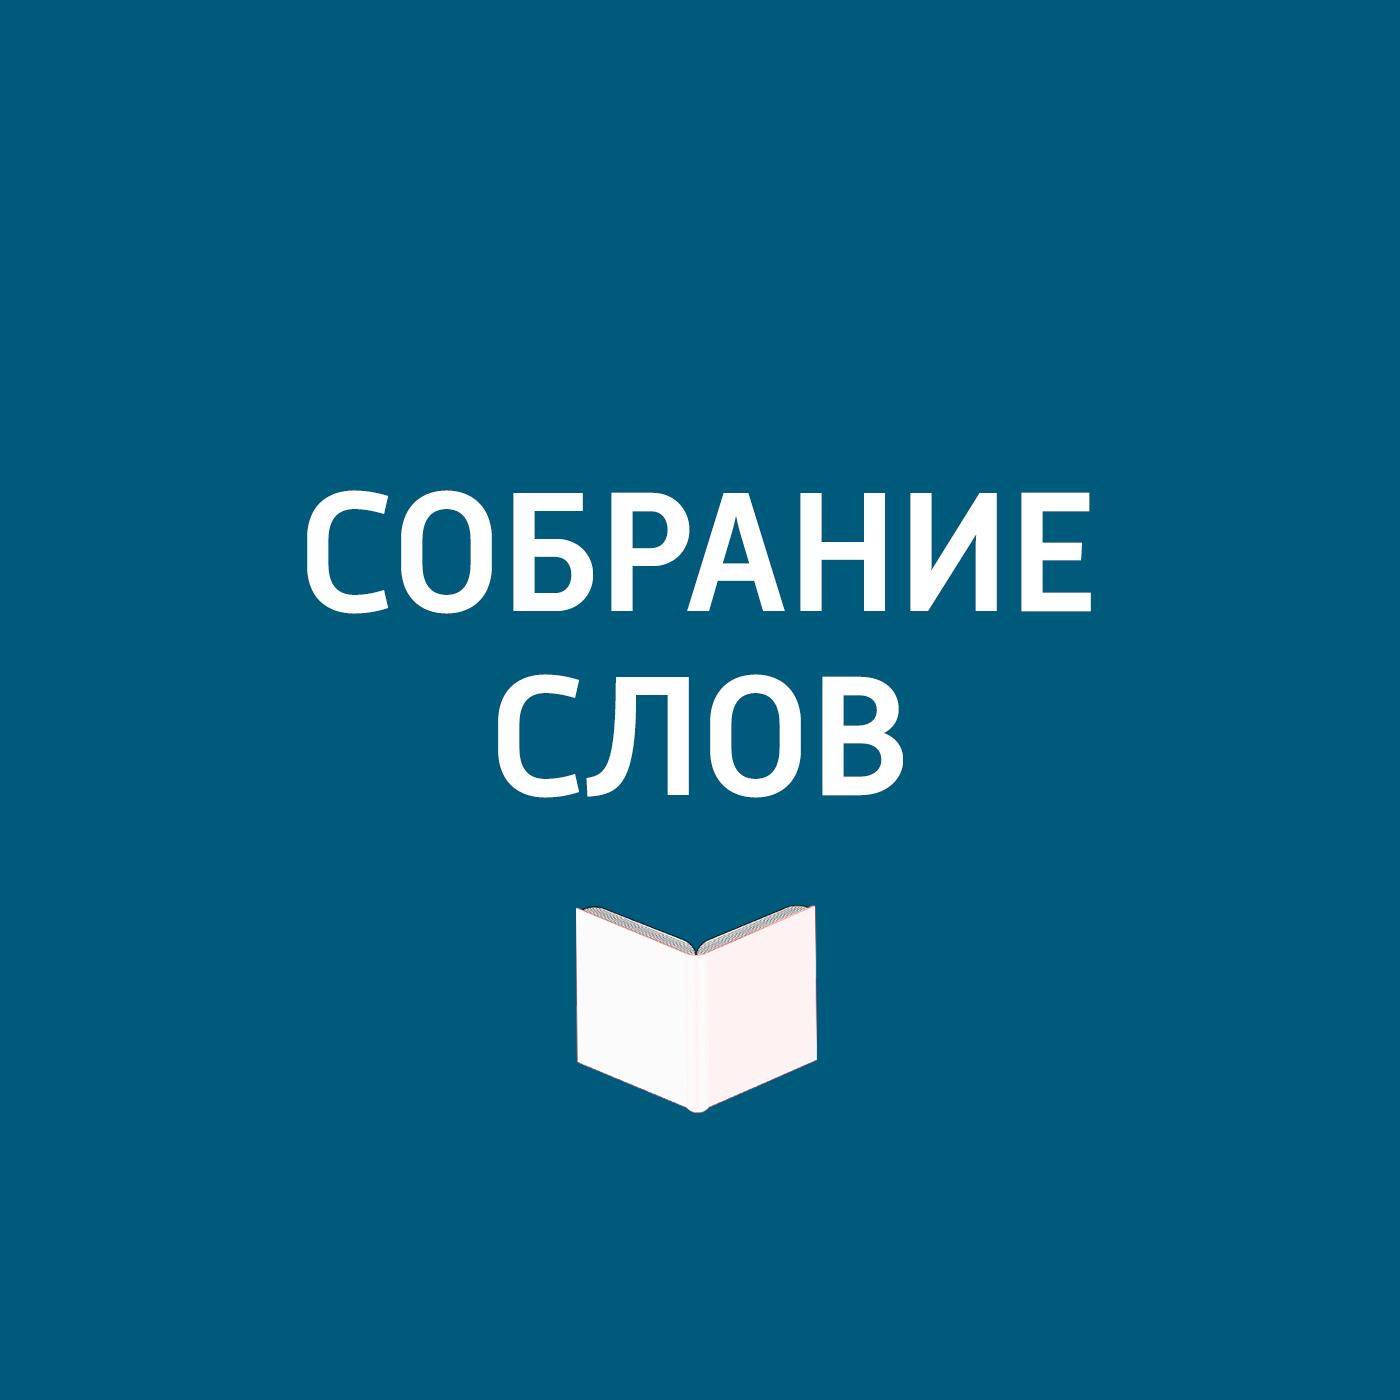 все цены на Творческий коллектив программы «Собрание слов» Большое интервью Карена Шахназарова онлайн